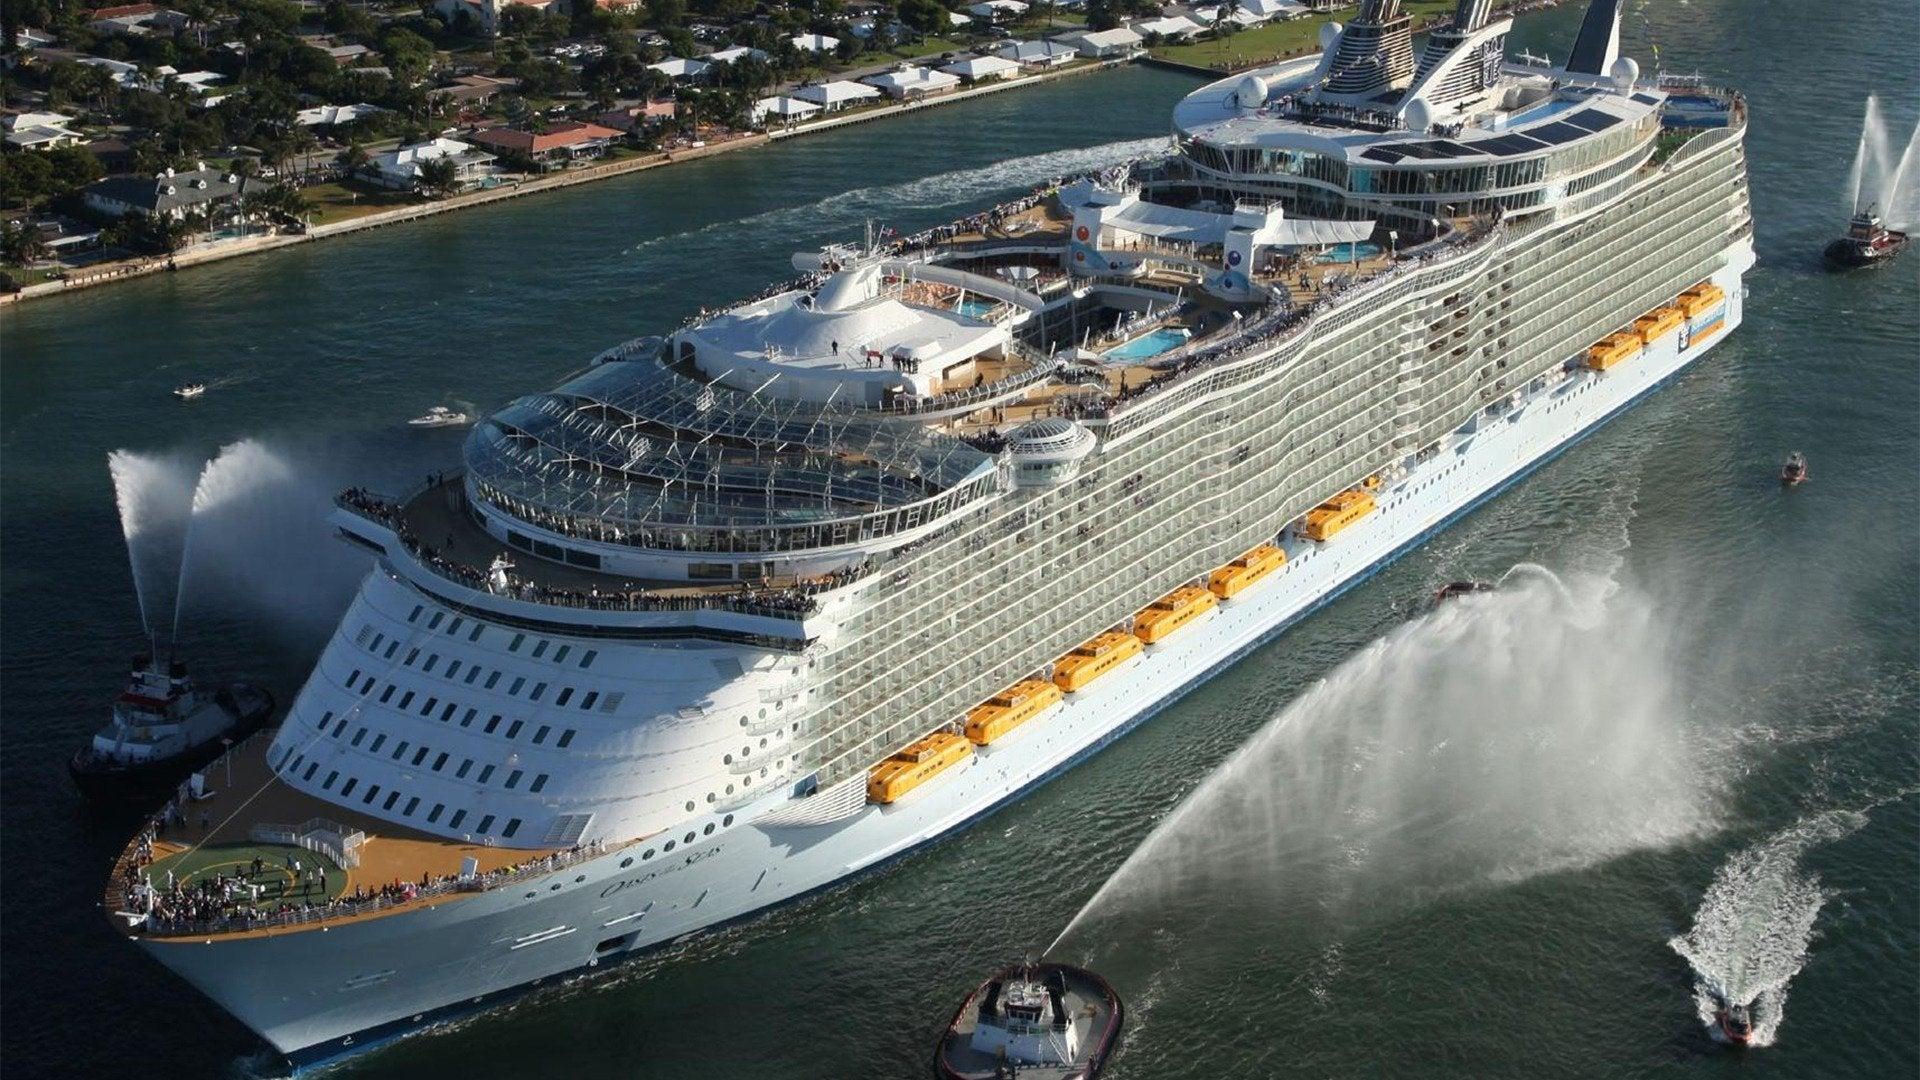 Extreme Cruise Ship